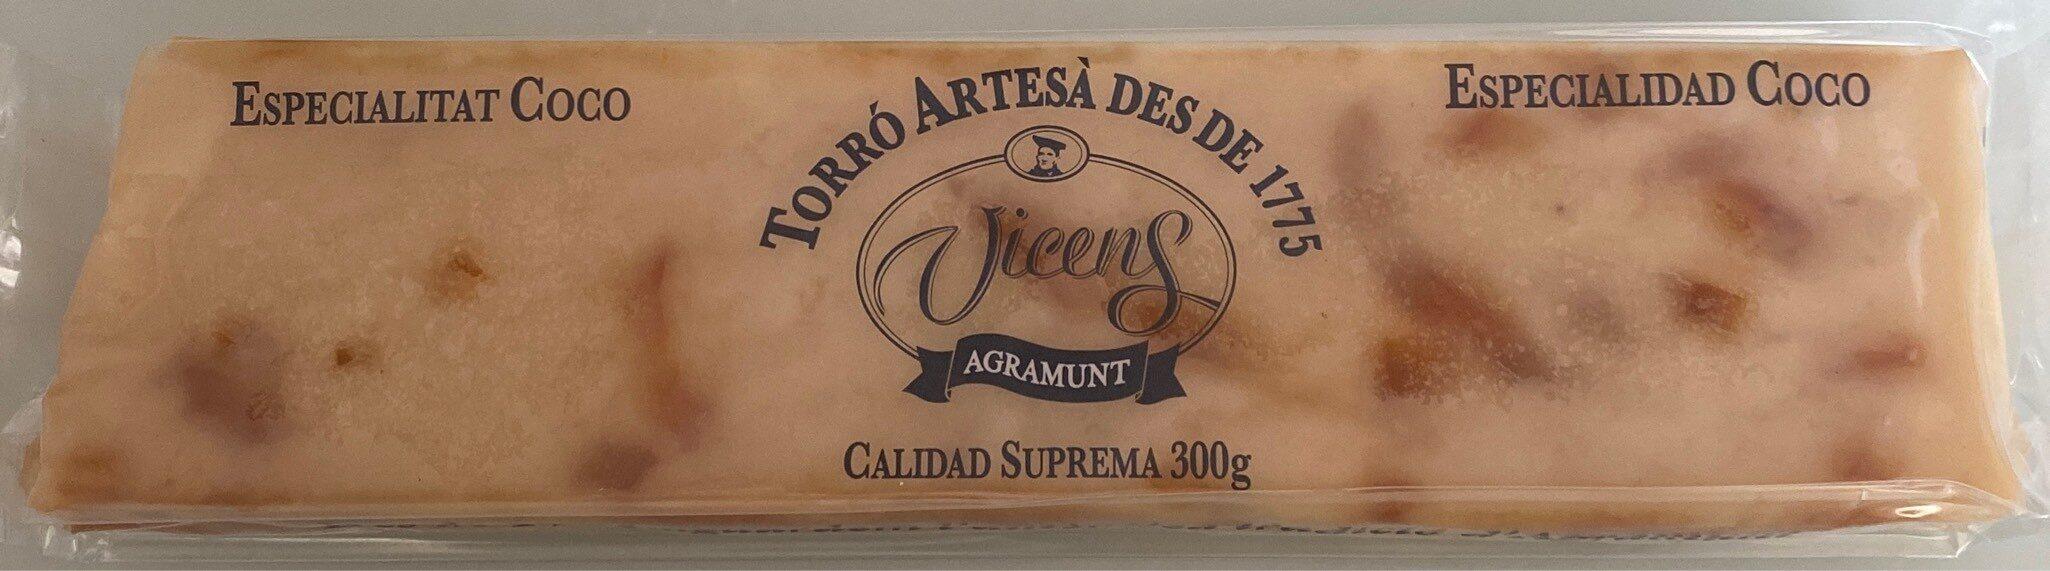 Turrón artesano, especialidad de coco - Produit - es